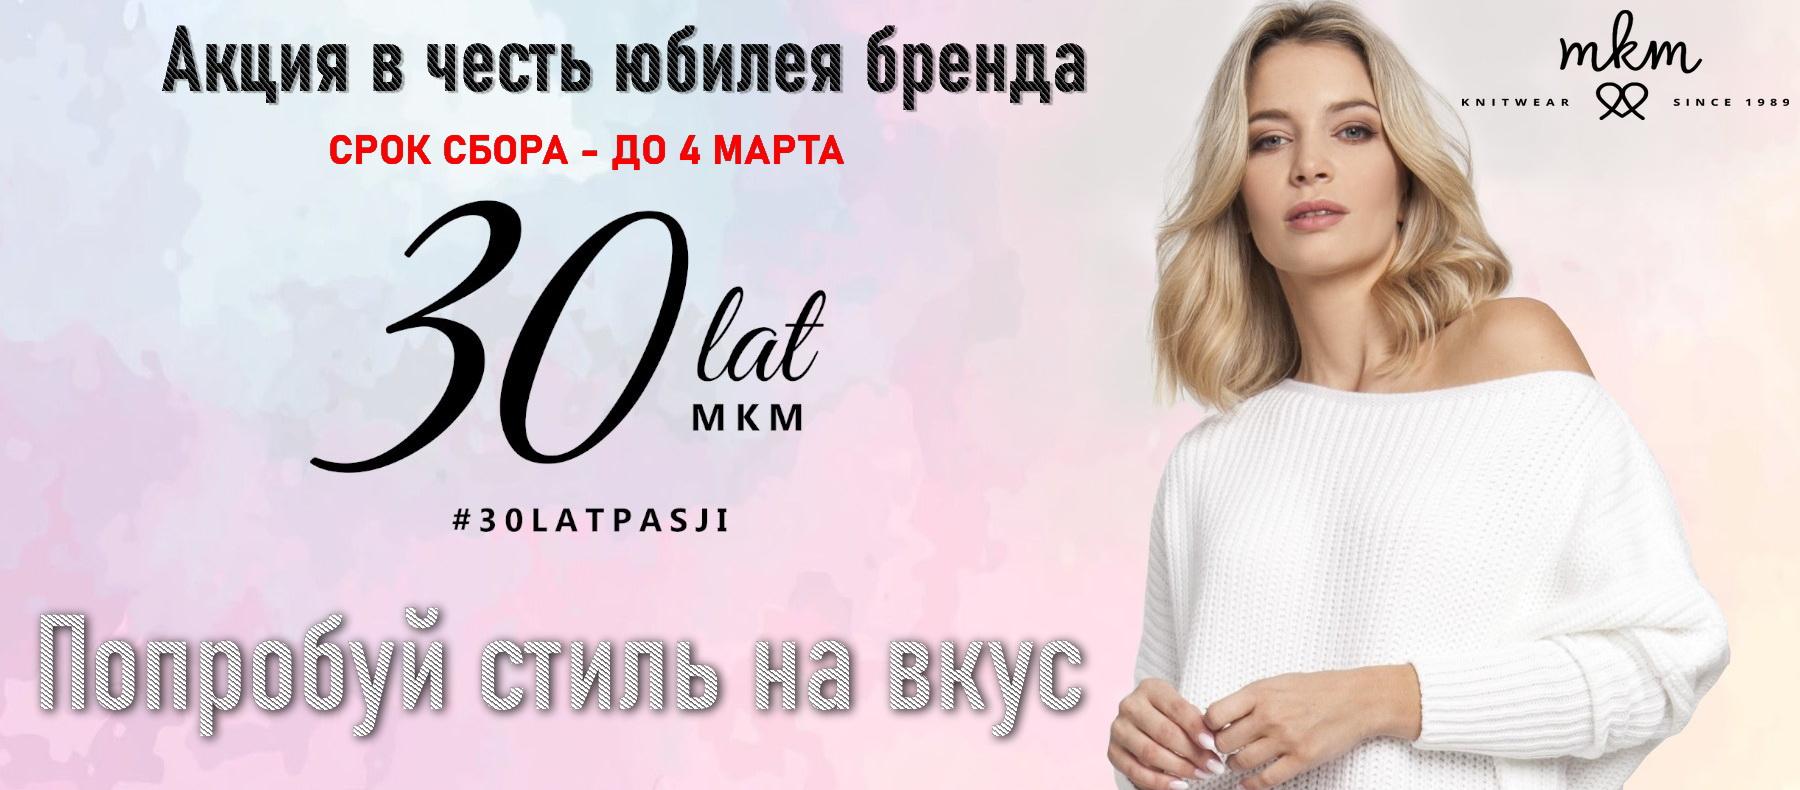 mkm-banner-1\ 600xauto